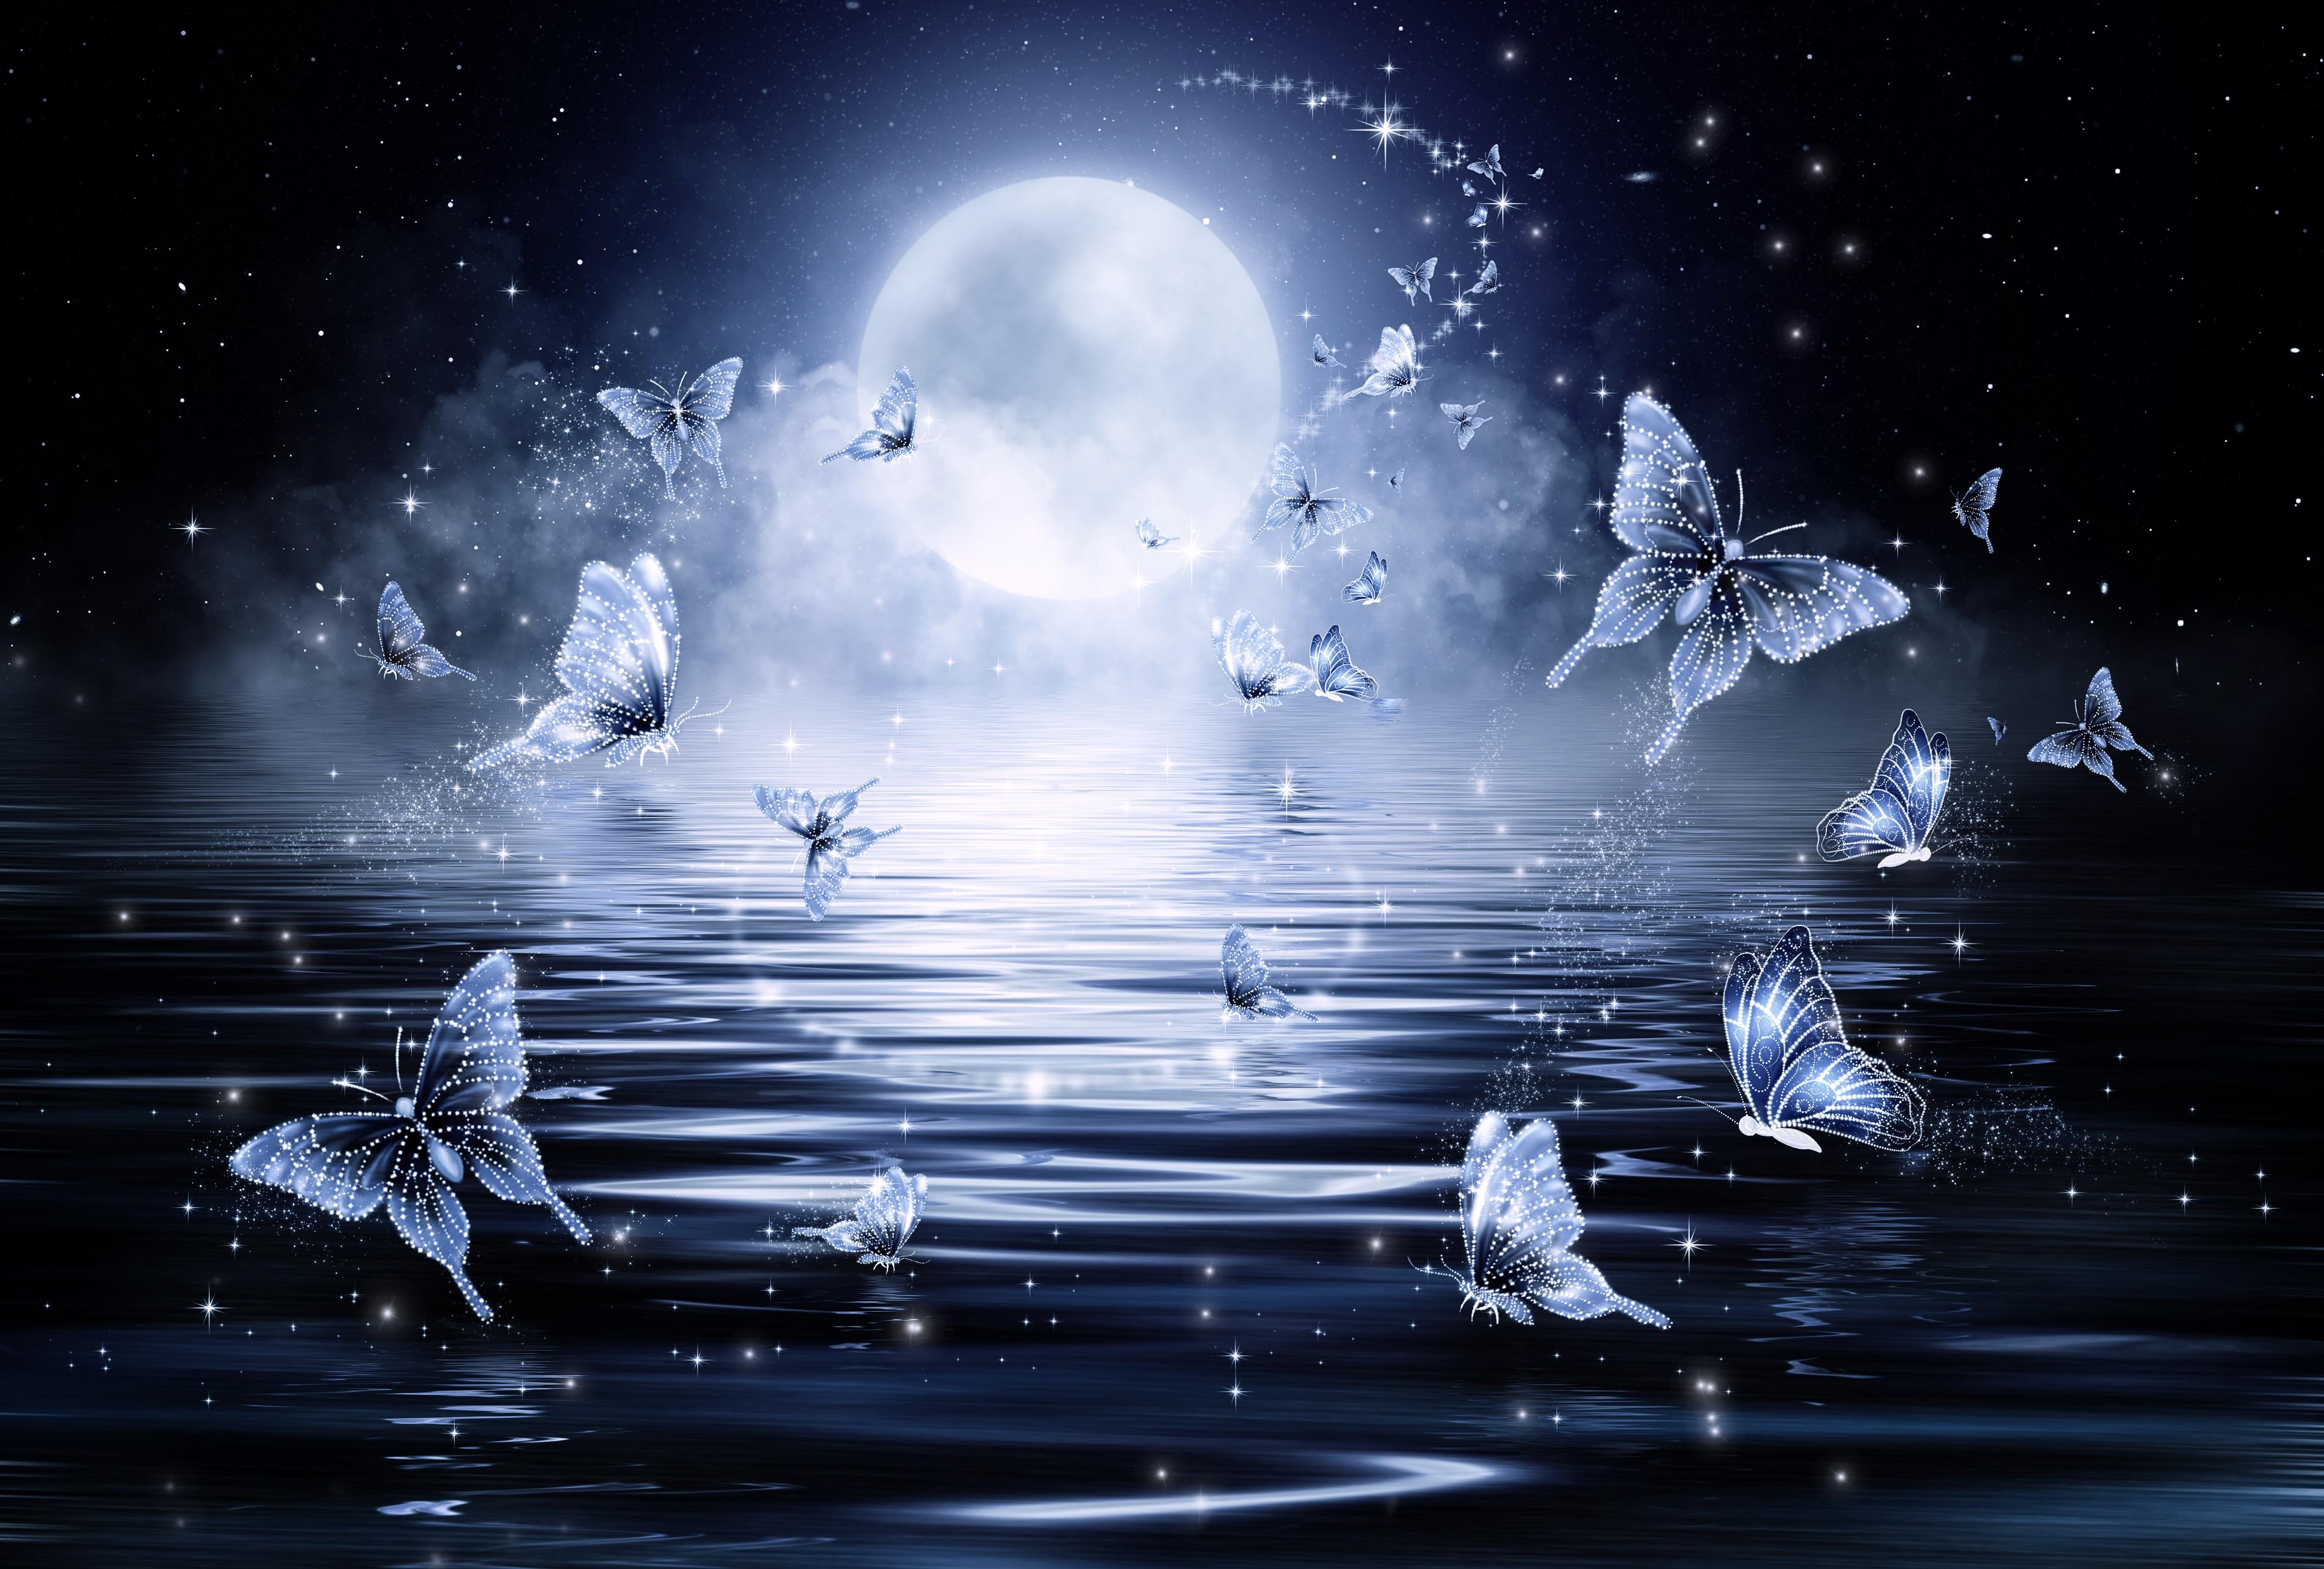 Картинки волшебного сна, для